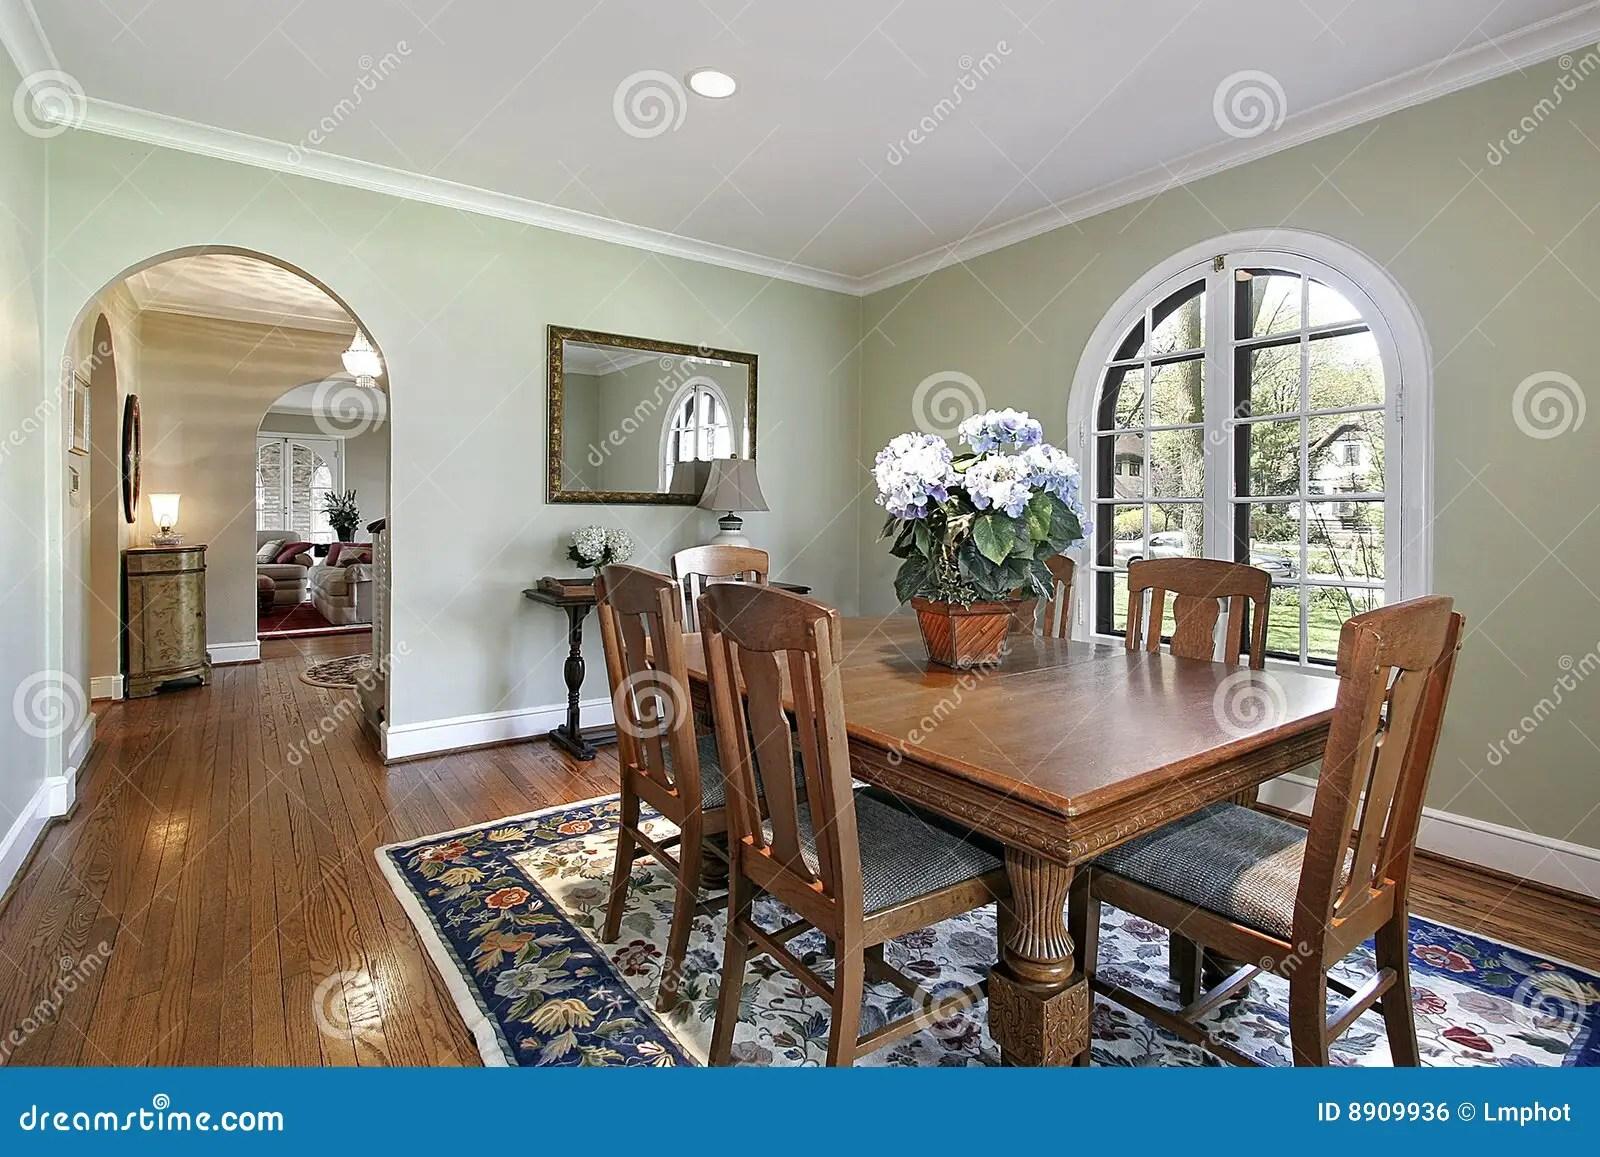 Light Green Dining Room Ideas